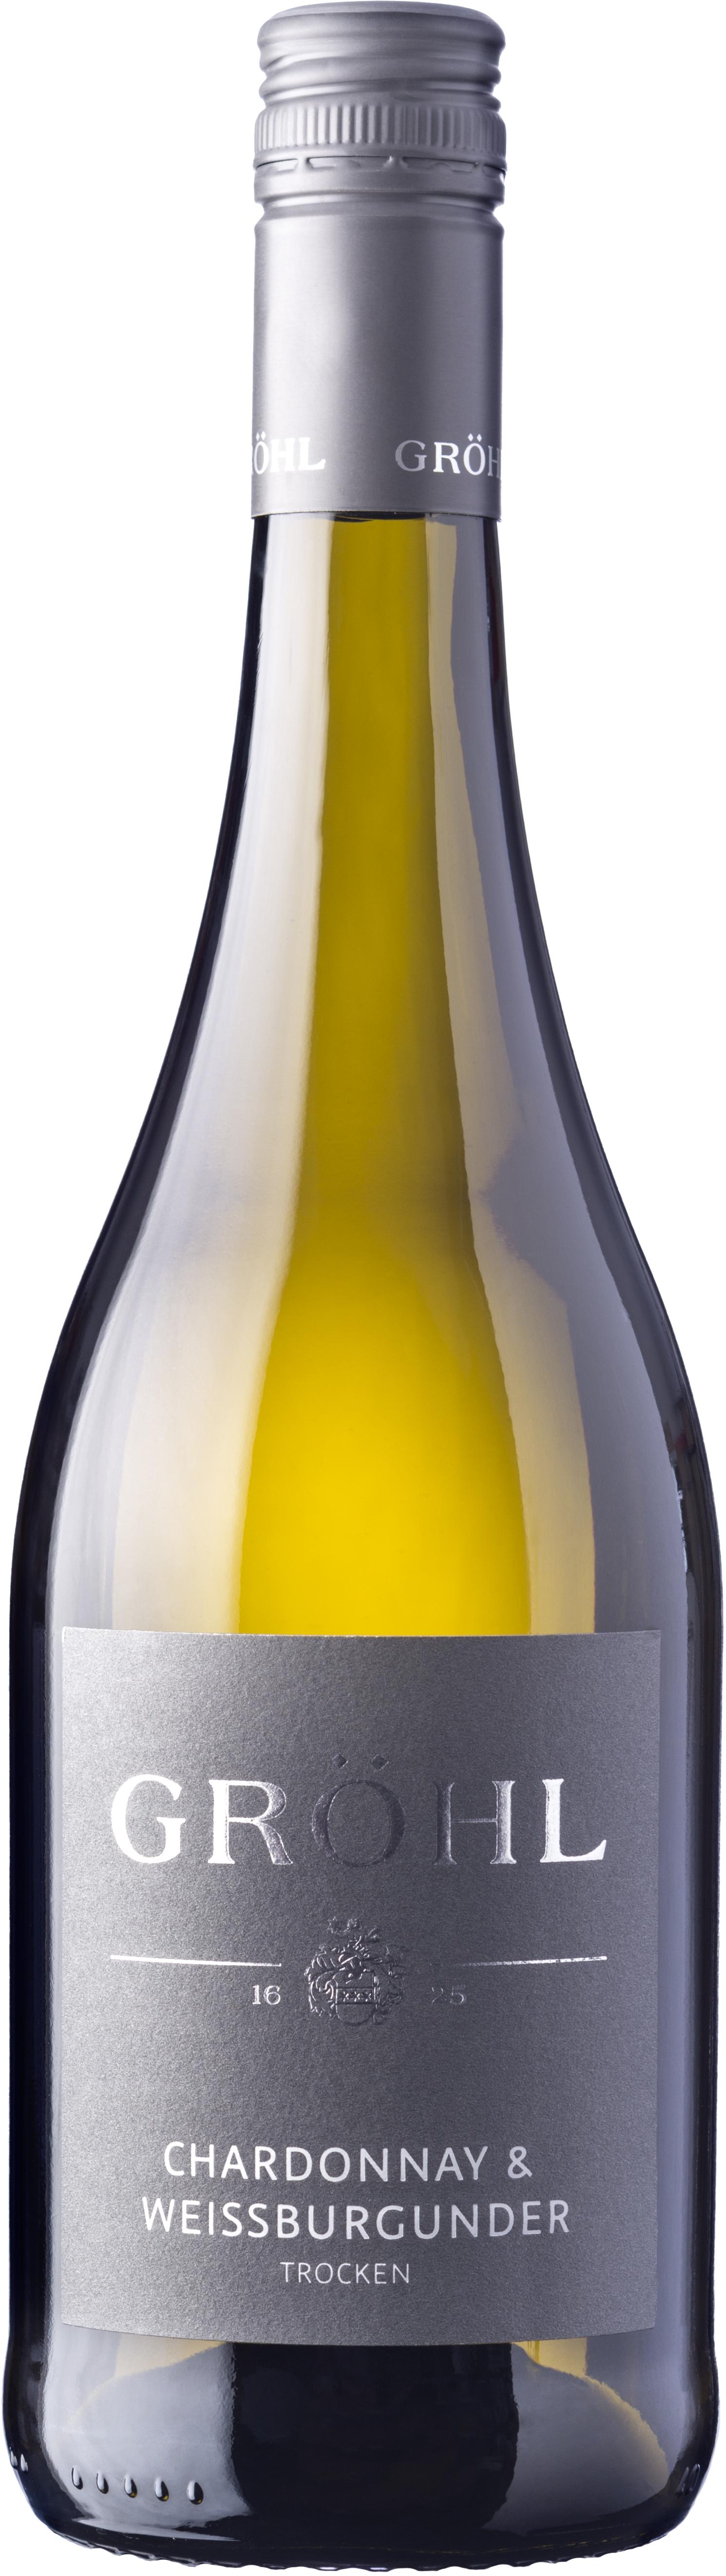 Gröhl   Chardonnay & Weißburgunder trocken